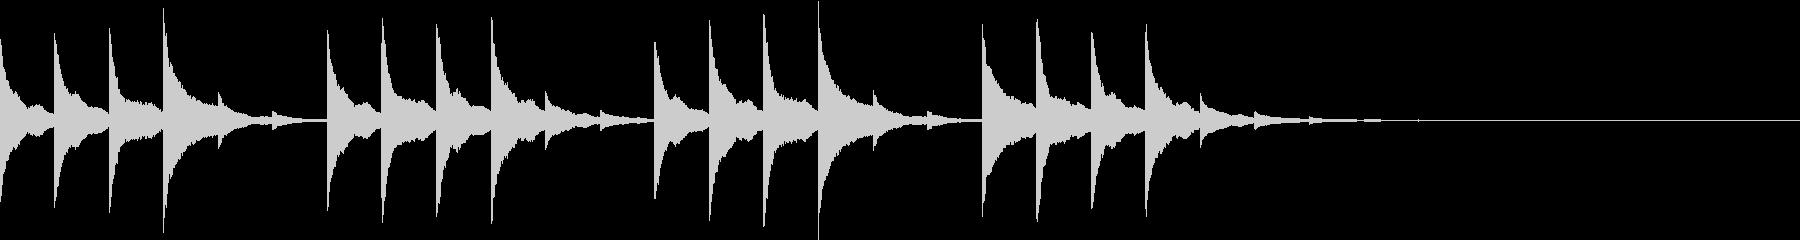 学校のチャイム音(柔らかい雰囲気)の未再生の波形